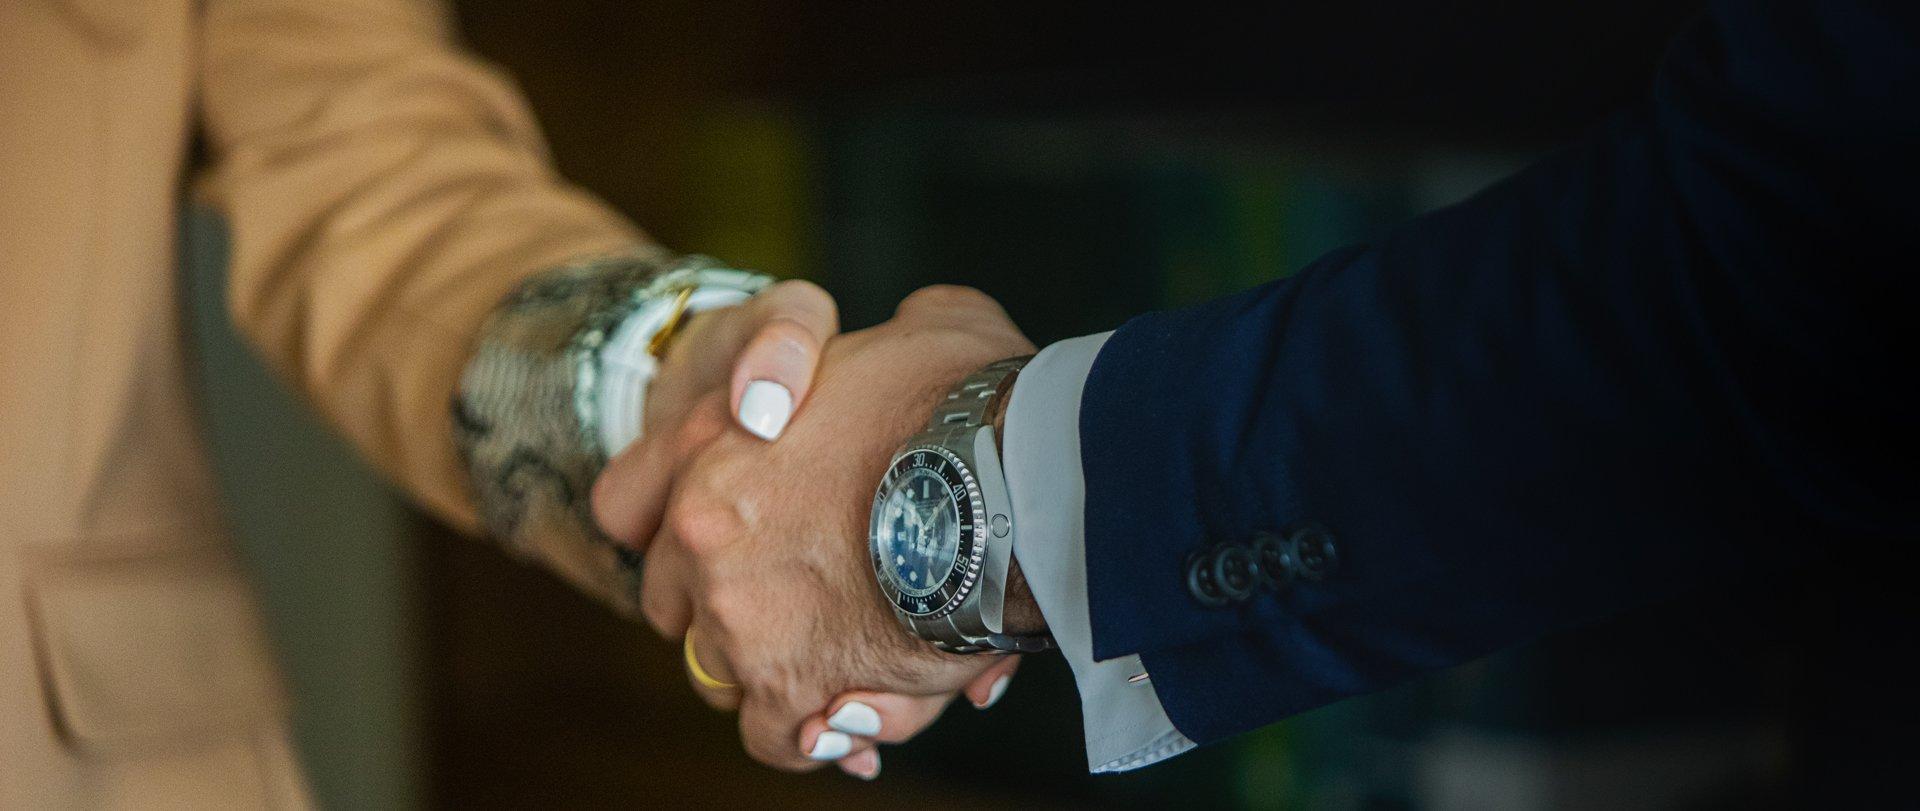 Σχέσεις Εμπιστοσύνης - Δικηγορικό Γραφείο Χρονόπουλος και συνεργάτες